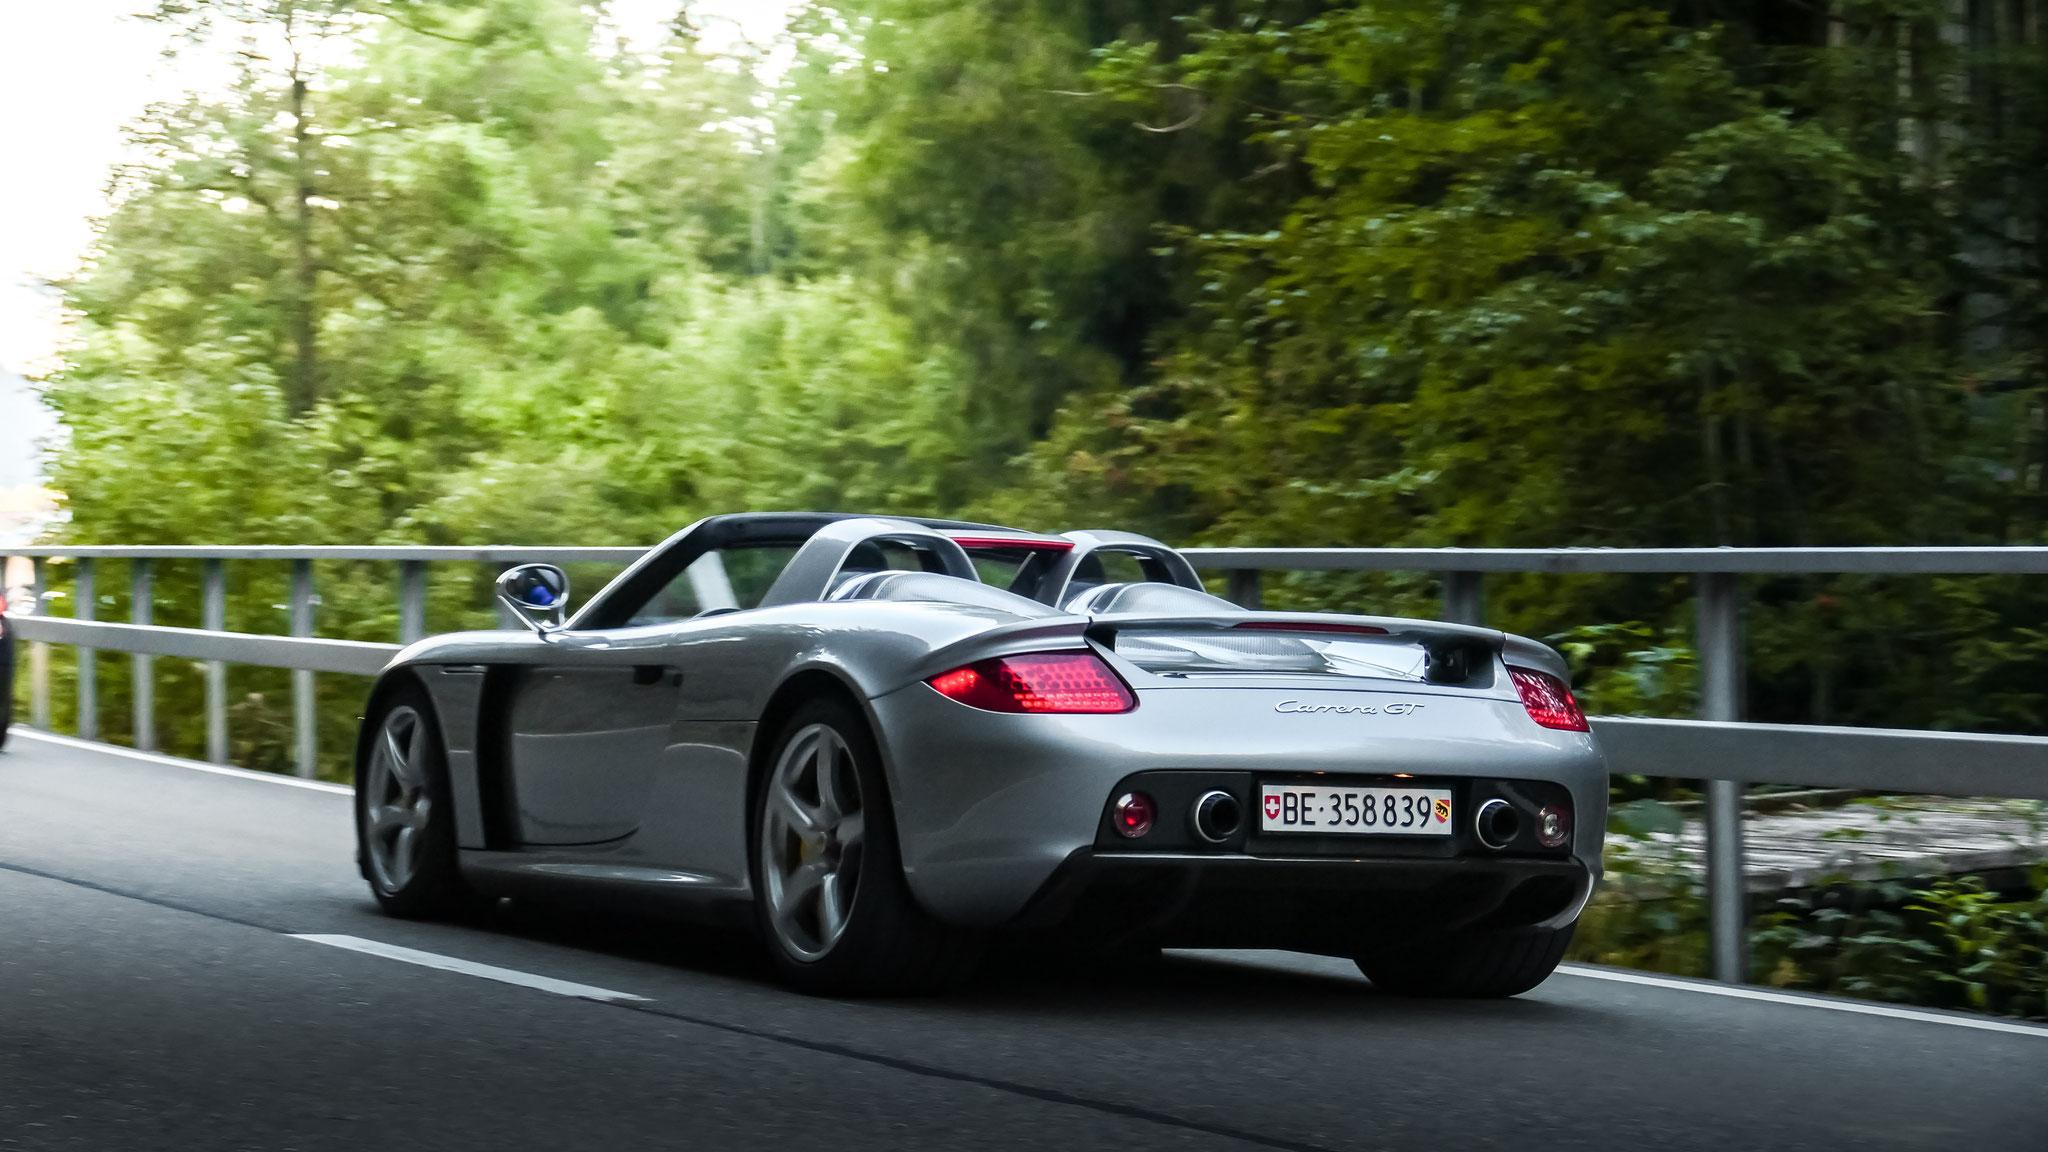 Porsche Carrera GT - BE-358839 (CH)